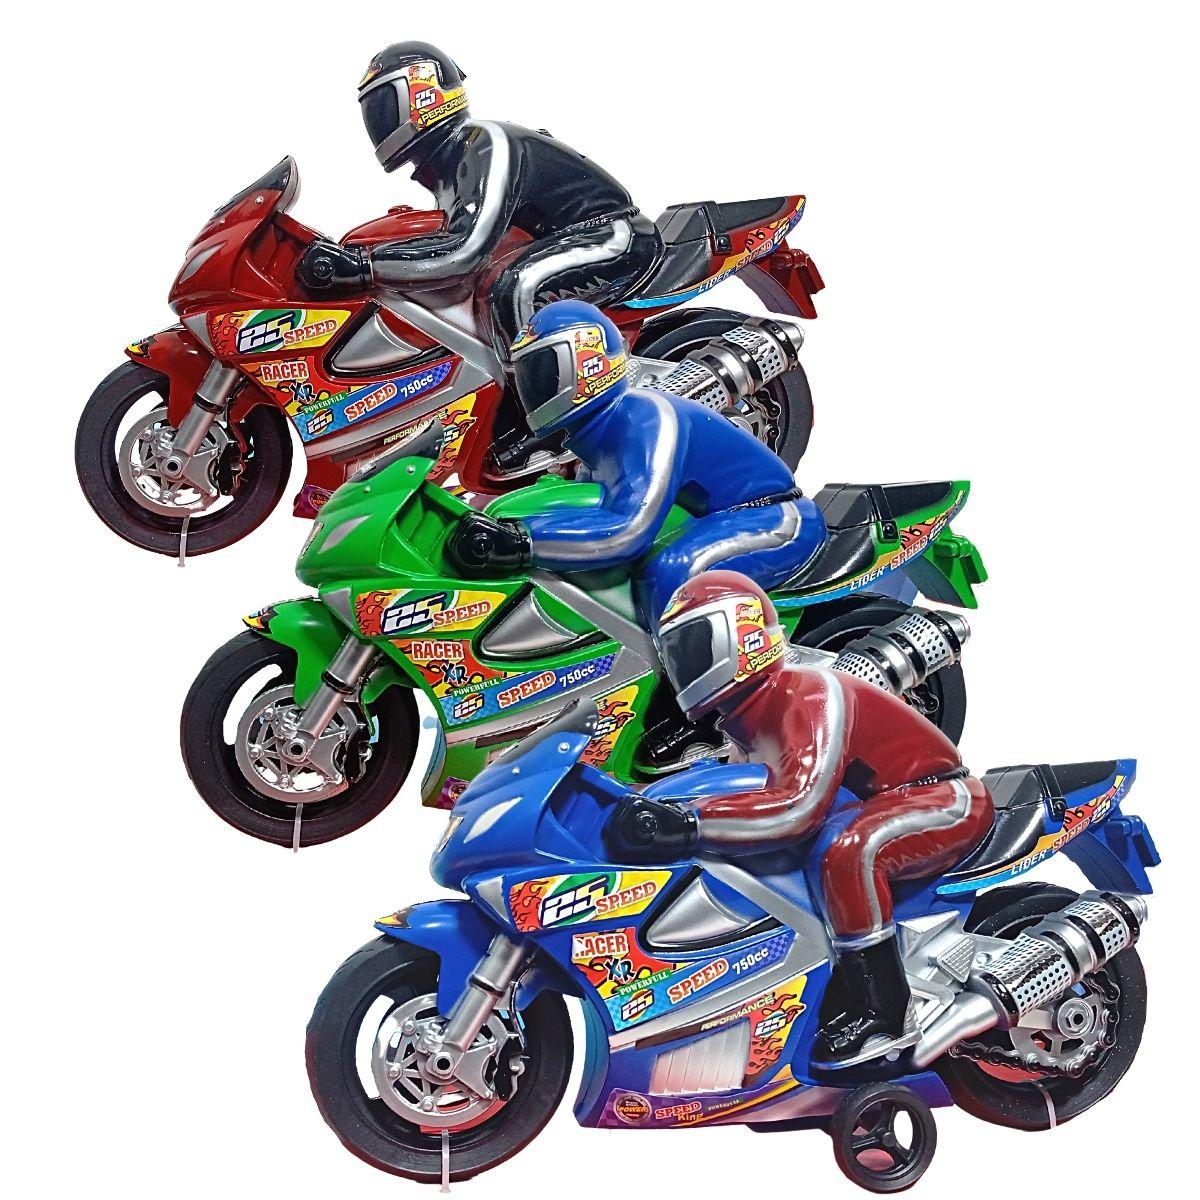 Moto Racer com Som de Motor Cores Diversas